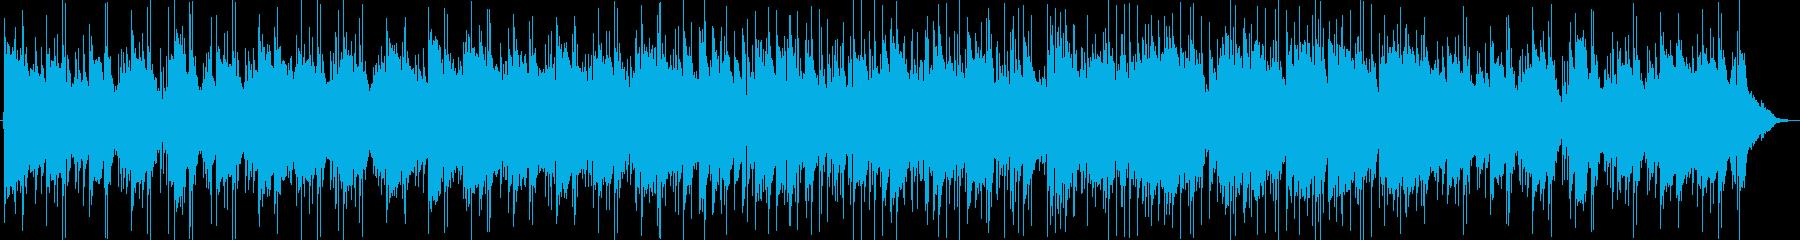 アンプラグド センチメンタル 感情...の再生済みの波形